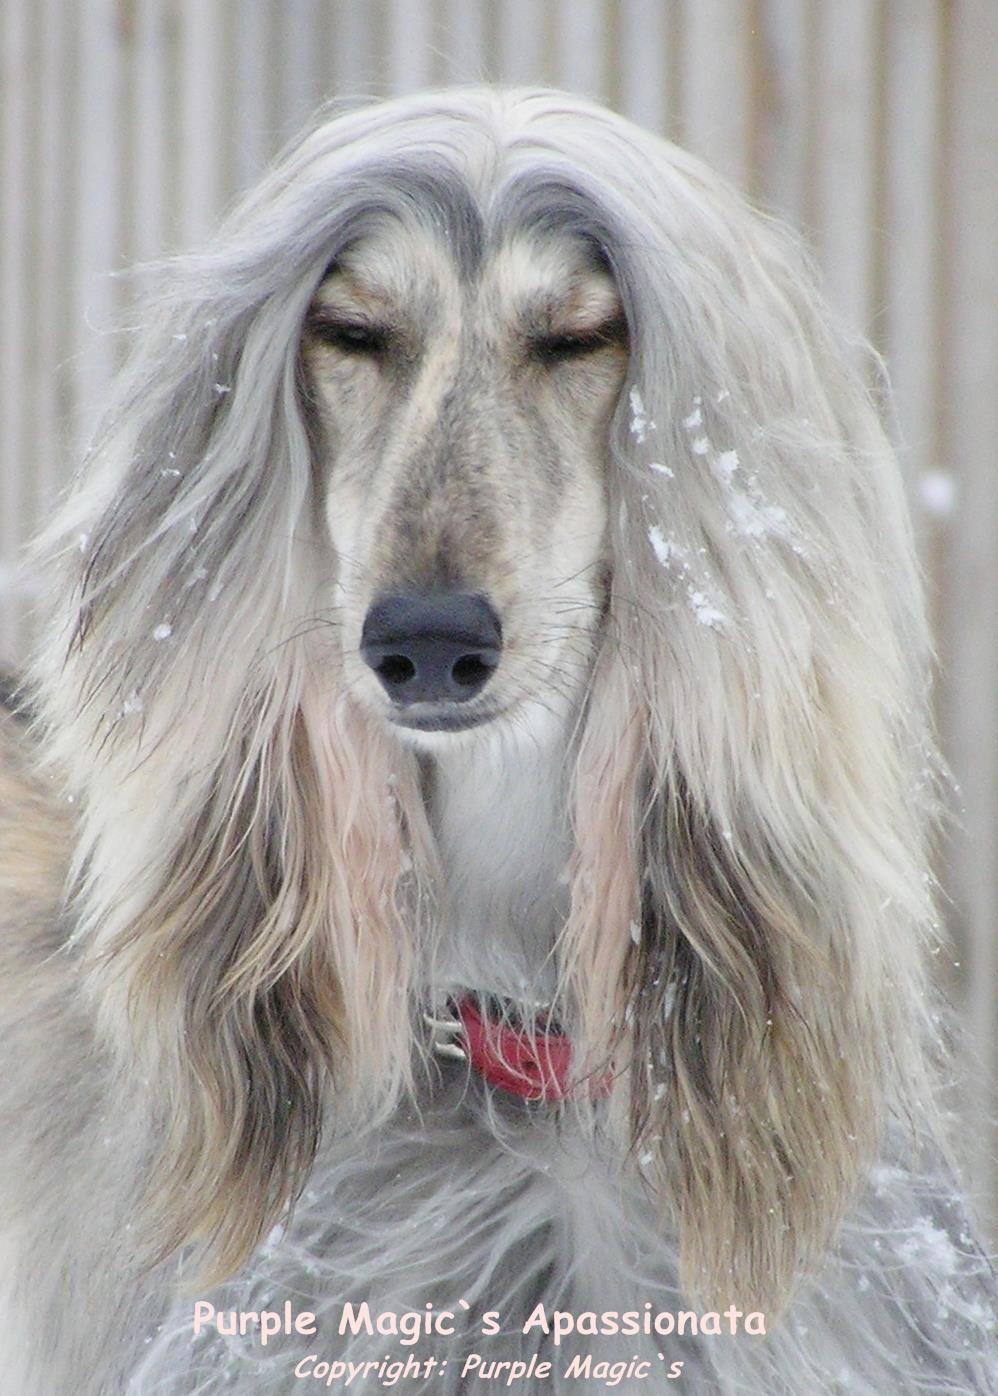 856805 581391988541654 1244814453 O Jpg 998 1 396 Bildepunkter Afghan Hound Saluki Dogs Hound Dog